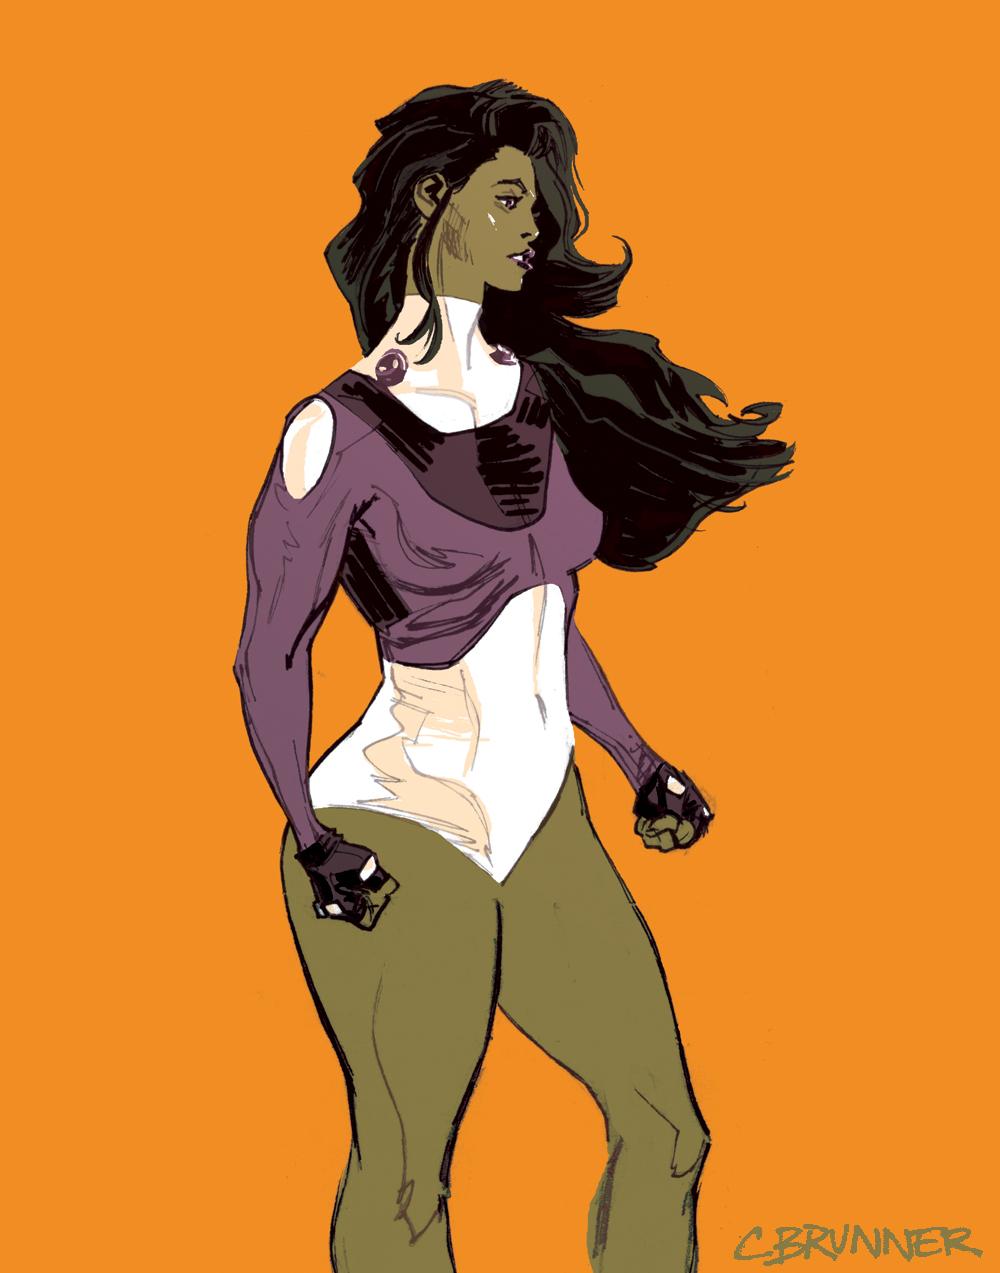 ... hulk 2099 hulk 2099 transformation hulk 2099 marvel heroes hulk 2099